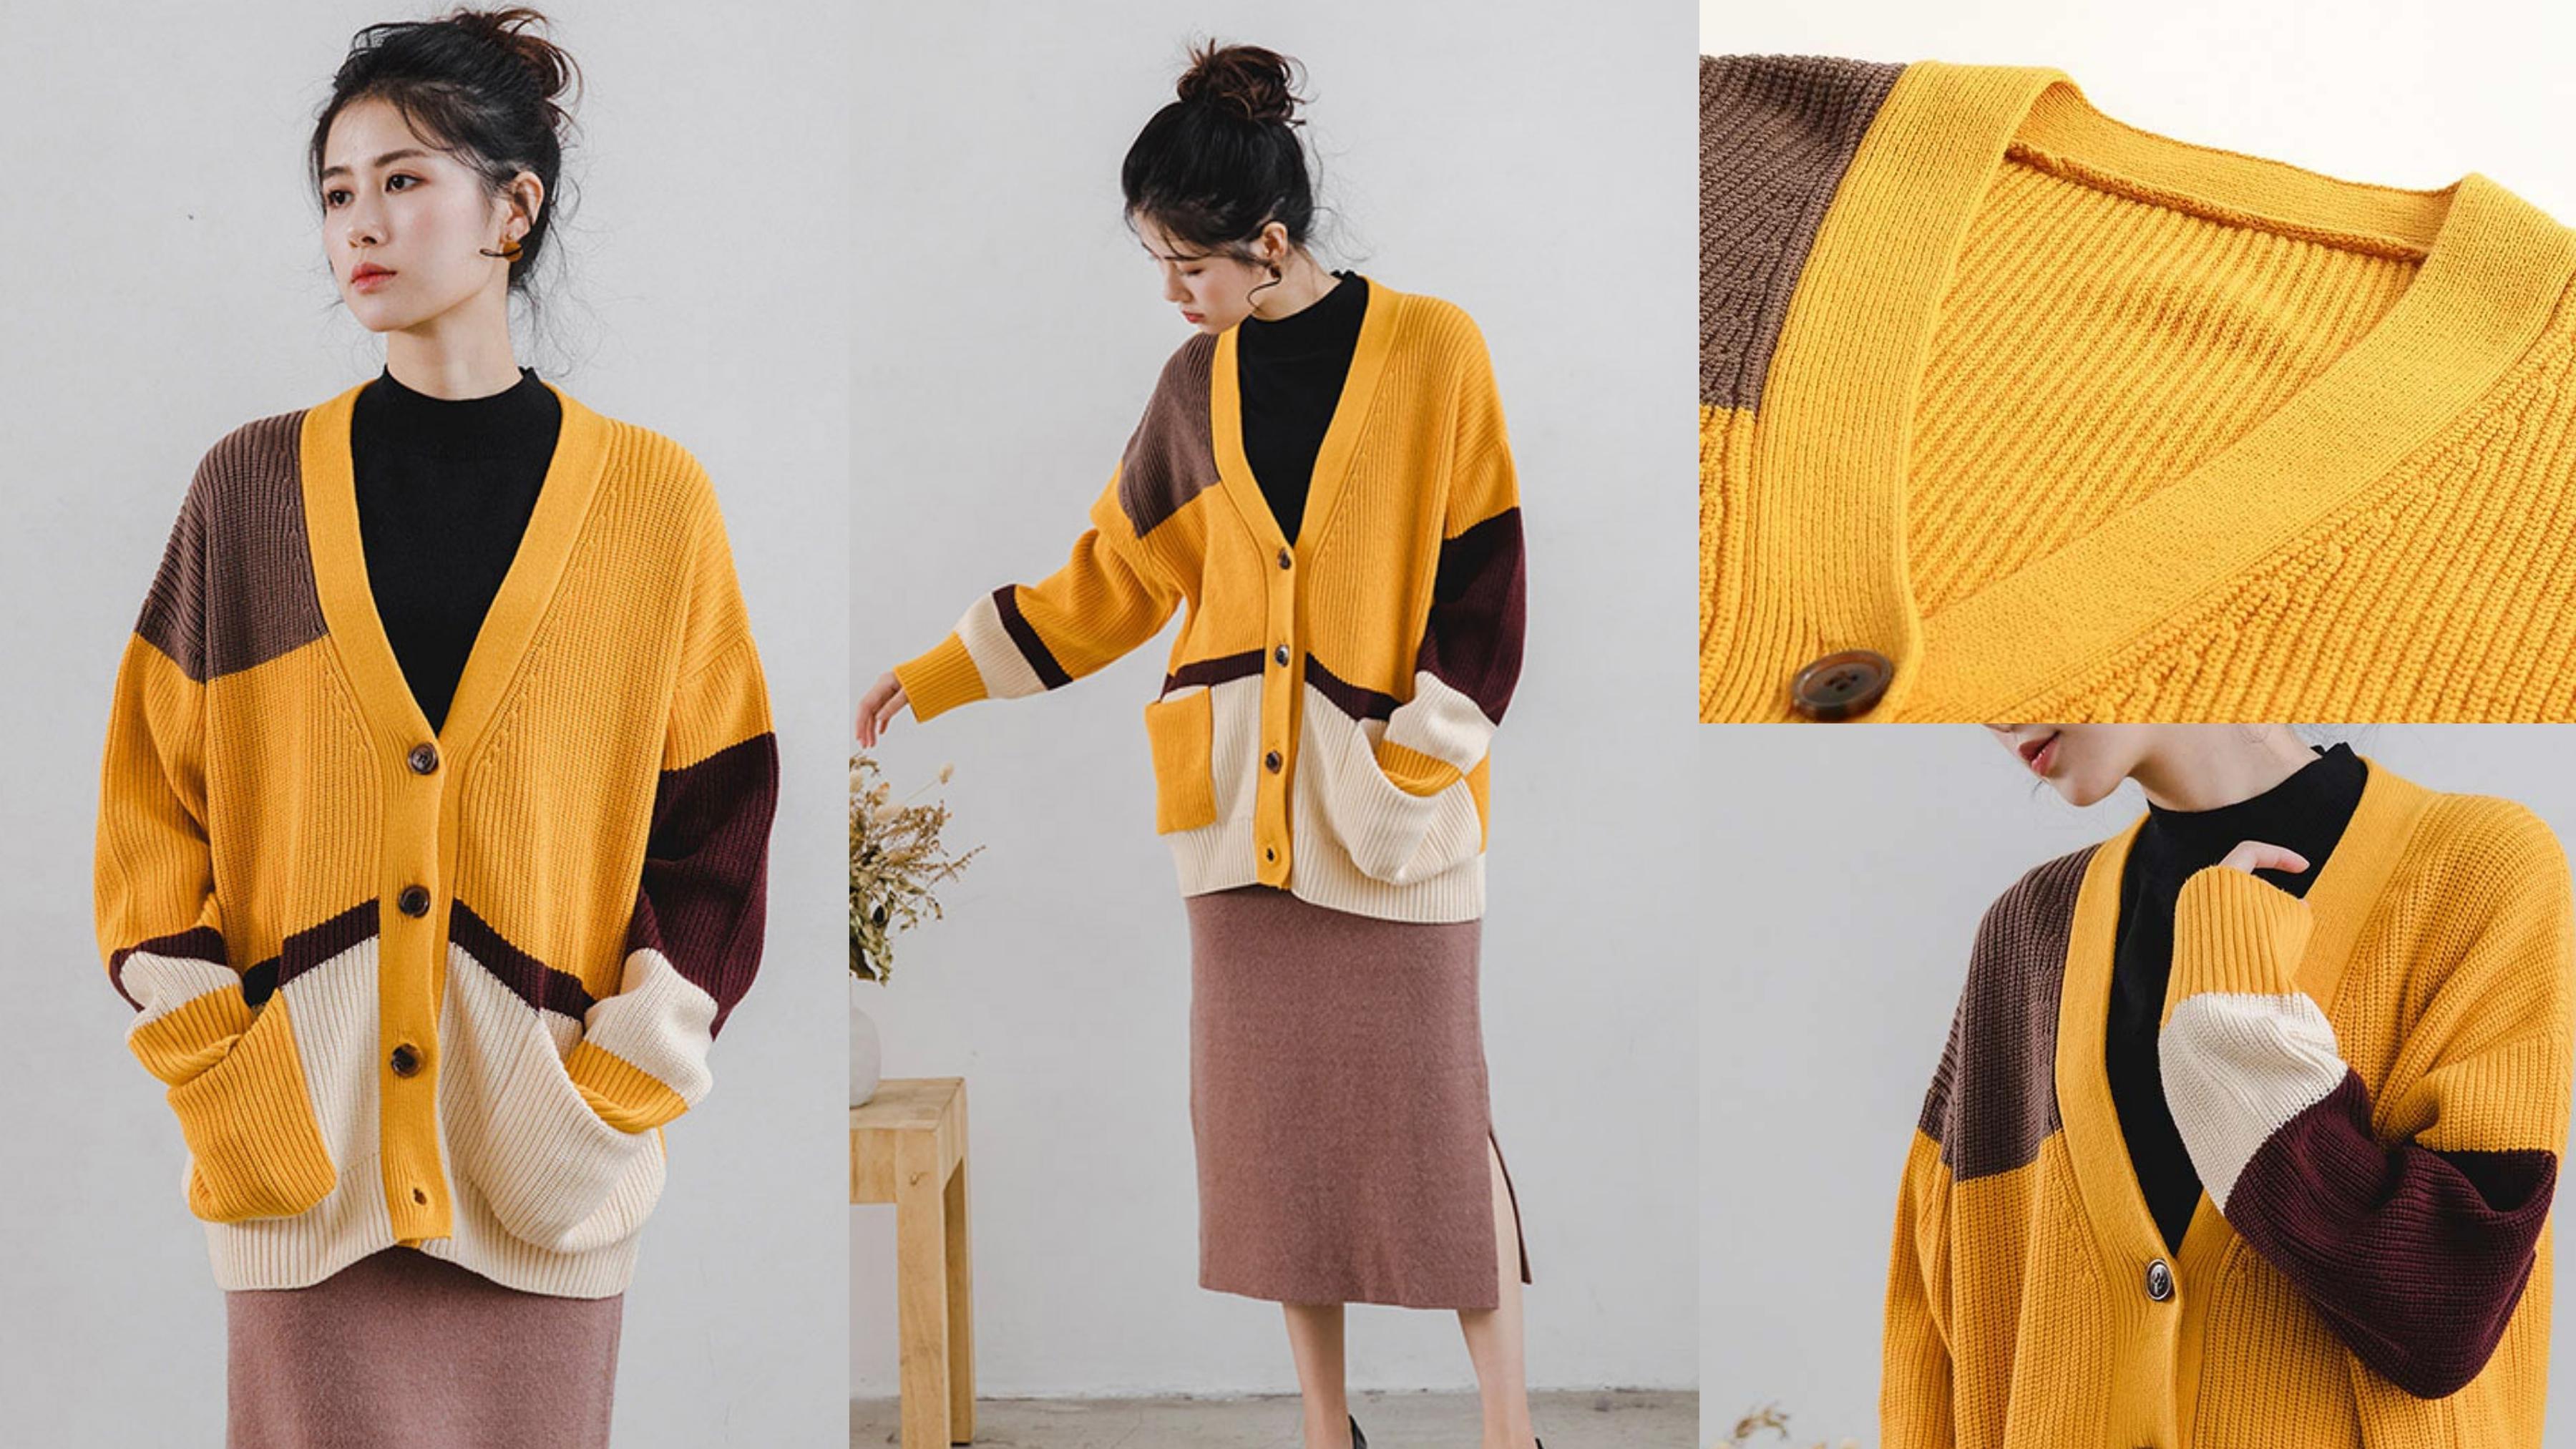 H:CONNECT色塊拼接開襟針織外套-黃色 柔軟面料穿著舒適自在,穿上溫暖又暖心